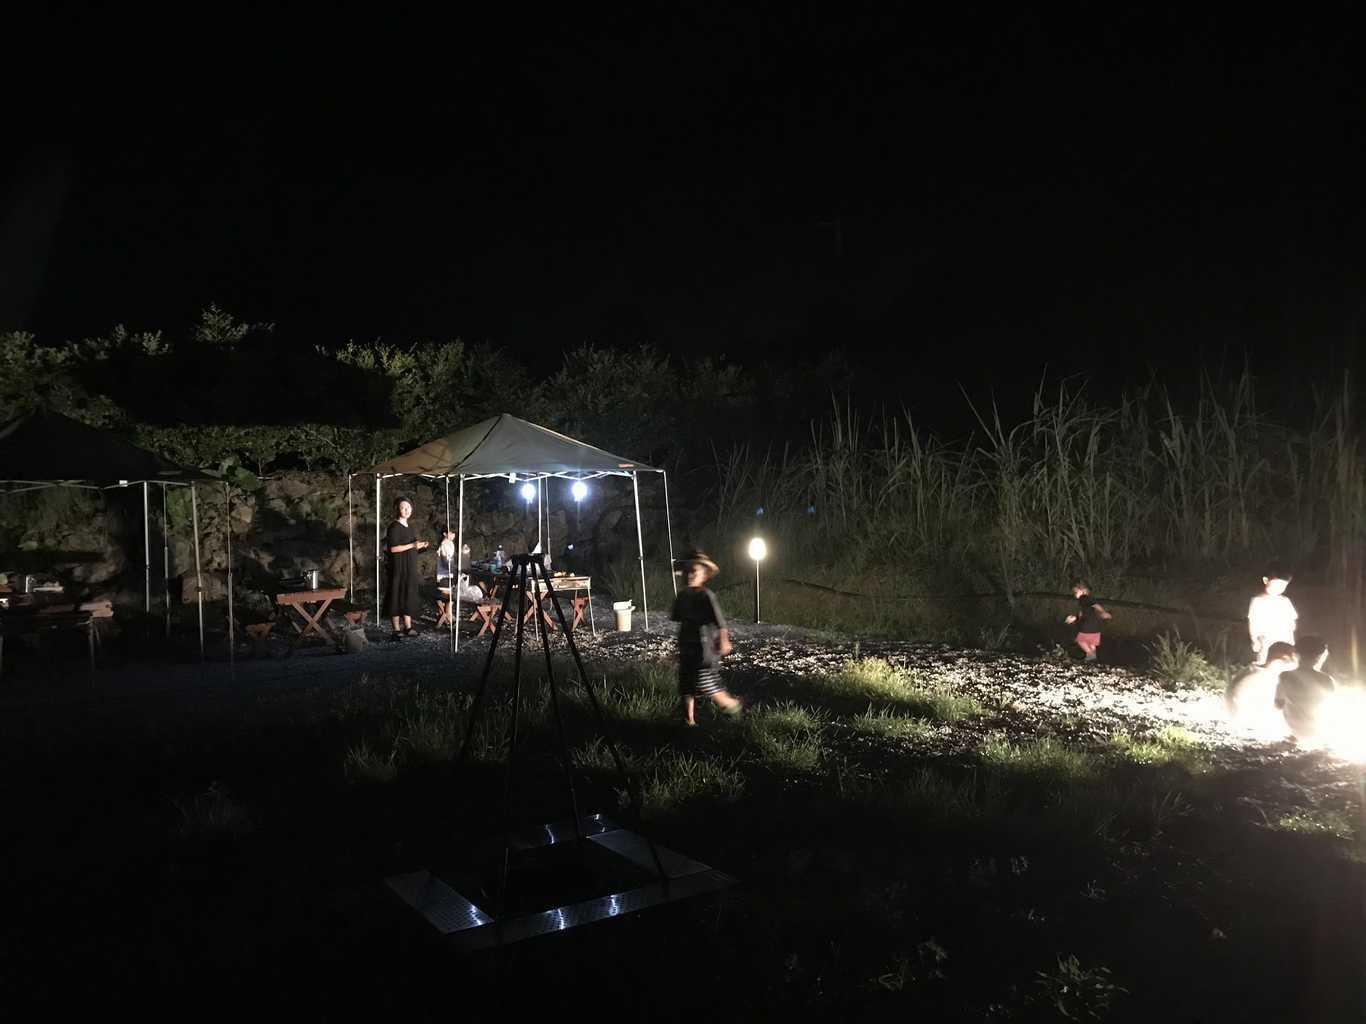 やんばるBBQキャンプ場 の写真p